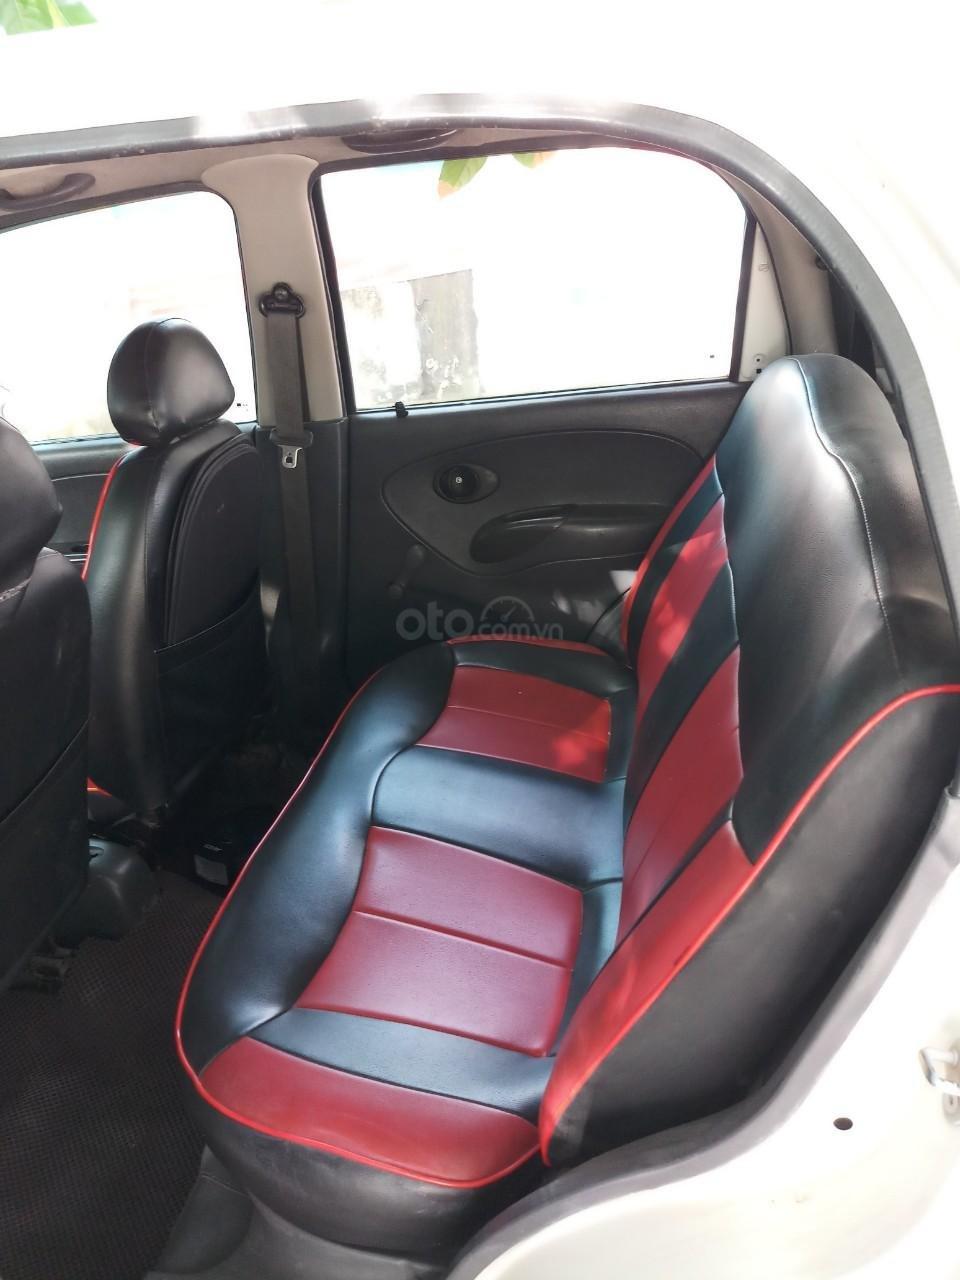 (ĐÃ BÁN) Gia đình cần lên đời nên bán xe Matiz 2 2003 tư nhân, giá 42tr (10)